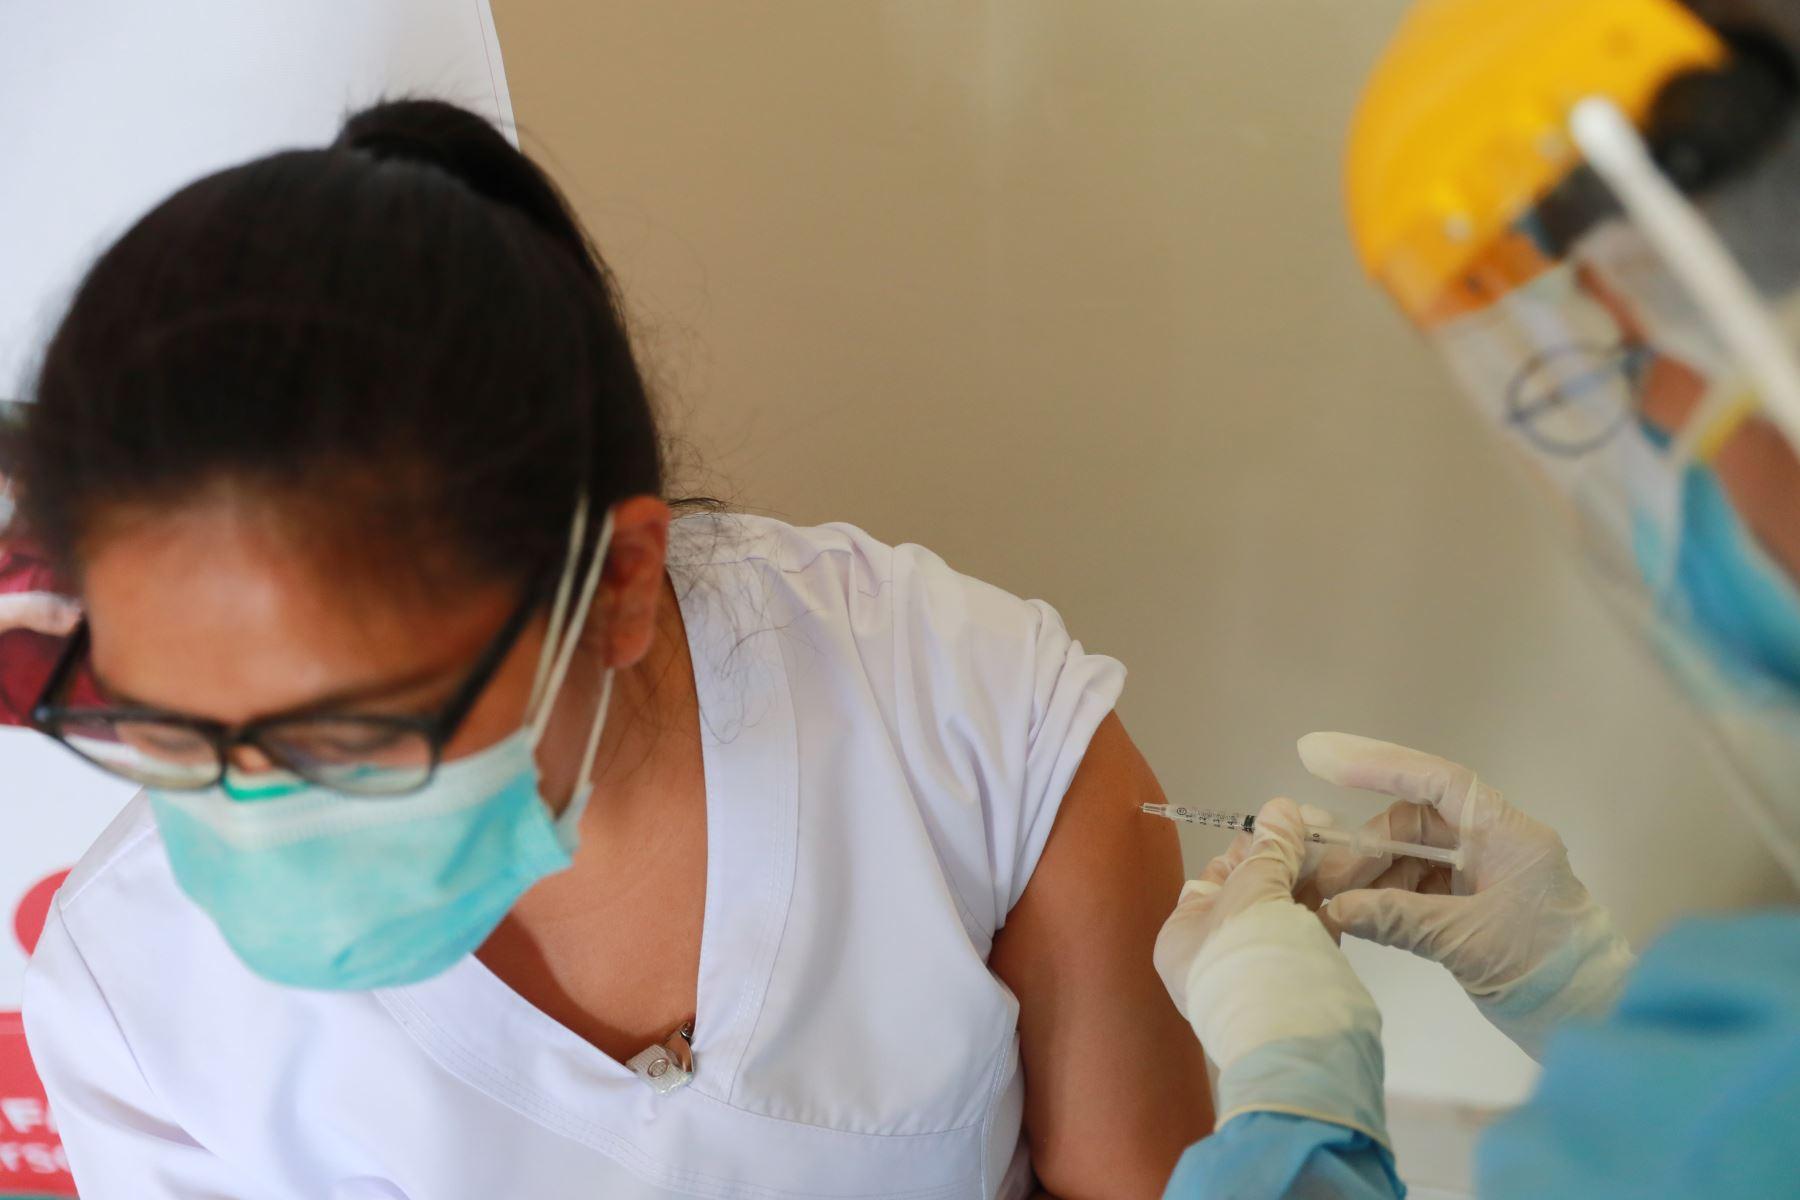 Actualmente, el hospital Loayza cuenta con más de 4,000 mil trabajadores; y más de la mitad labora en áreas dedicadas a la atención de pacientes que sufren de covid-19 que han ocupado hasta 306 camas. Foto: ANDINA/Carla Patiño